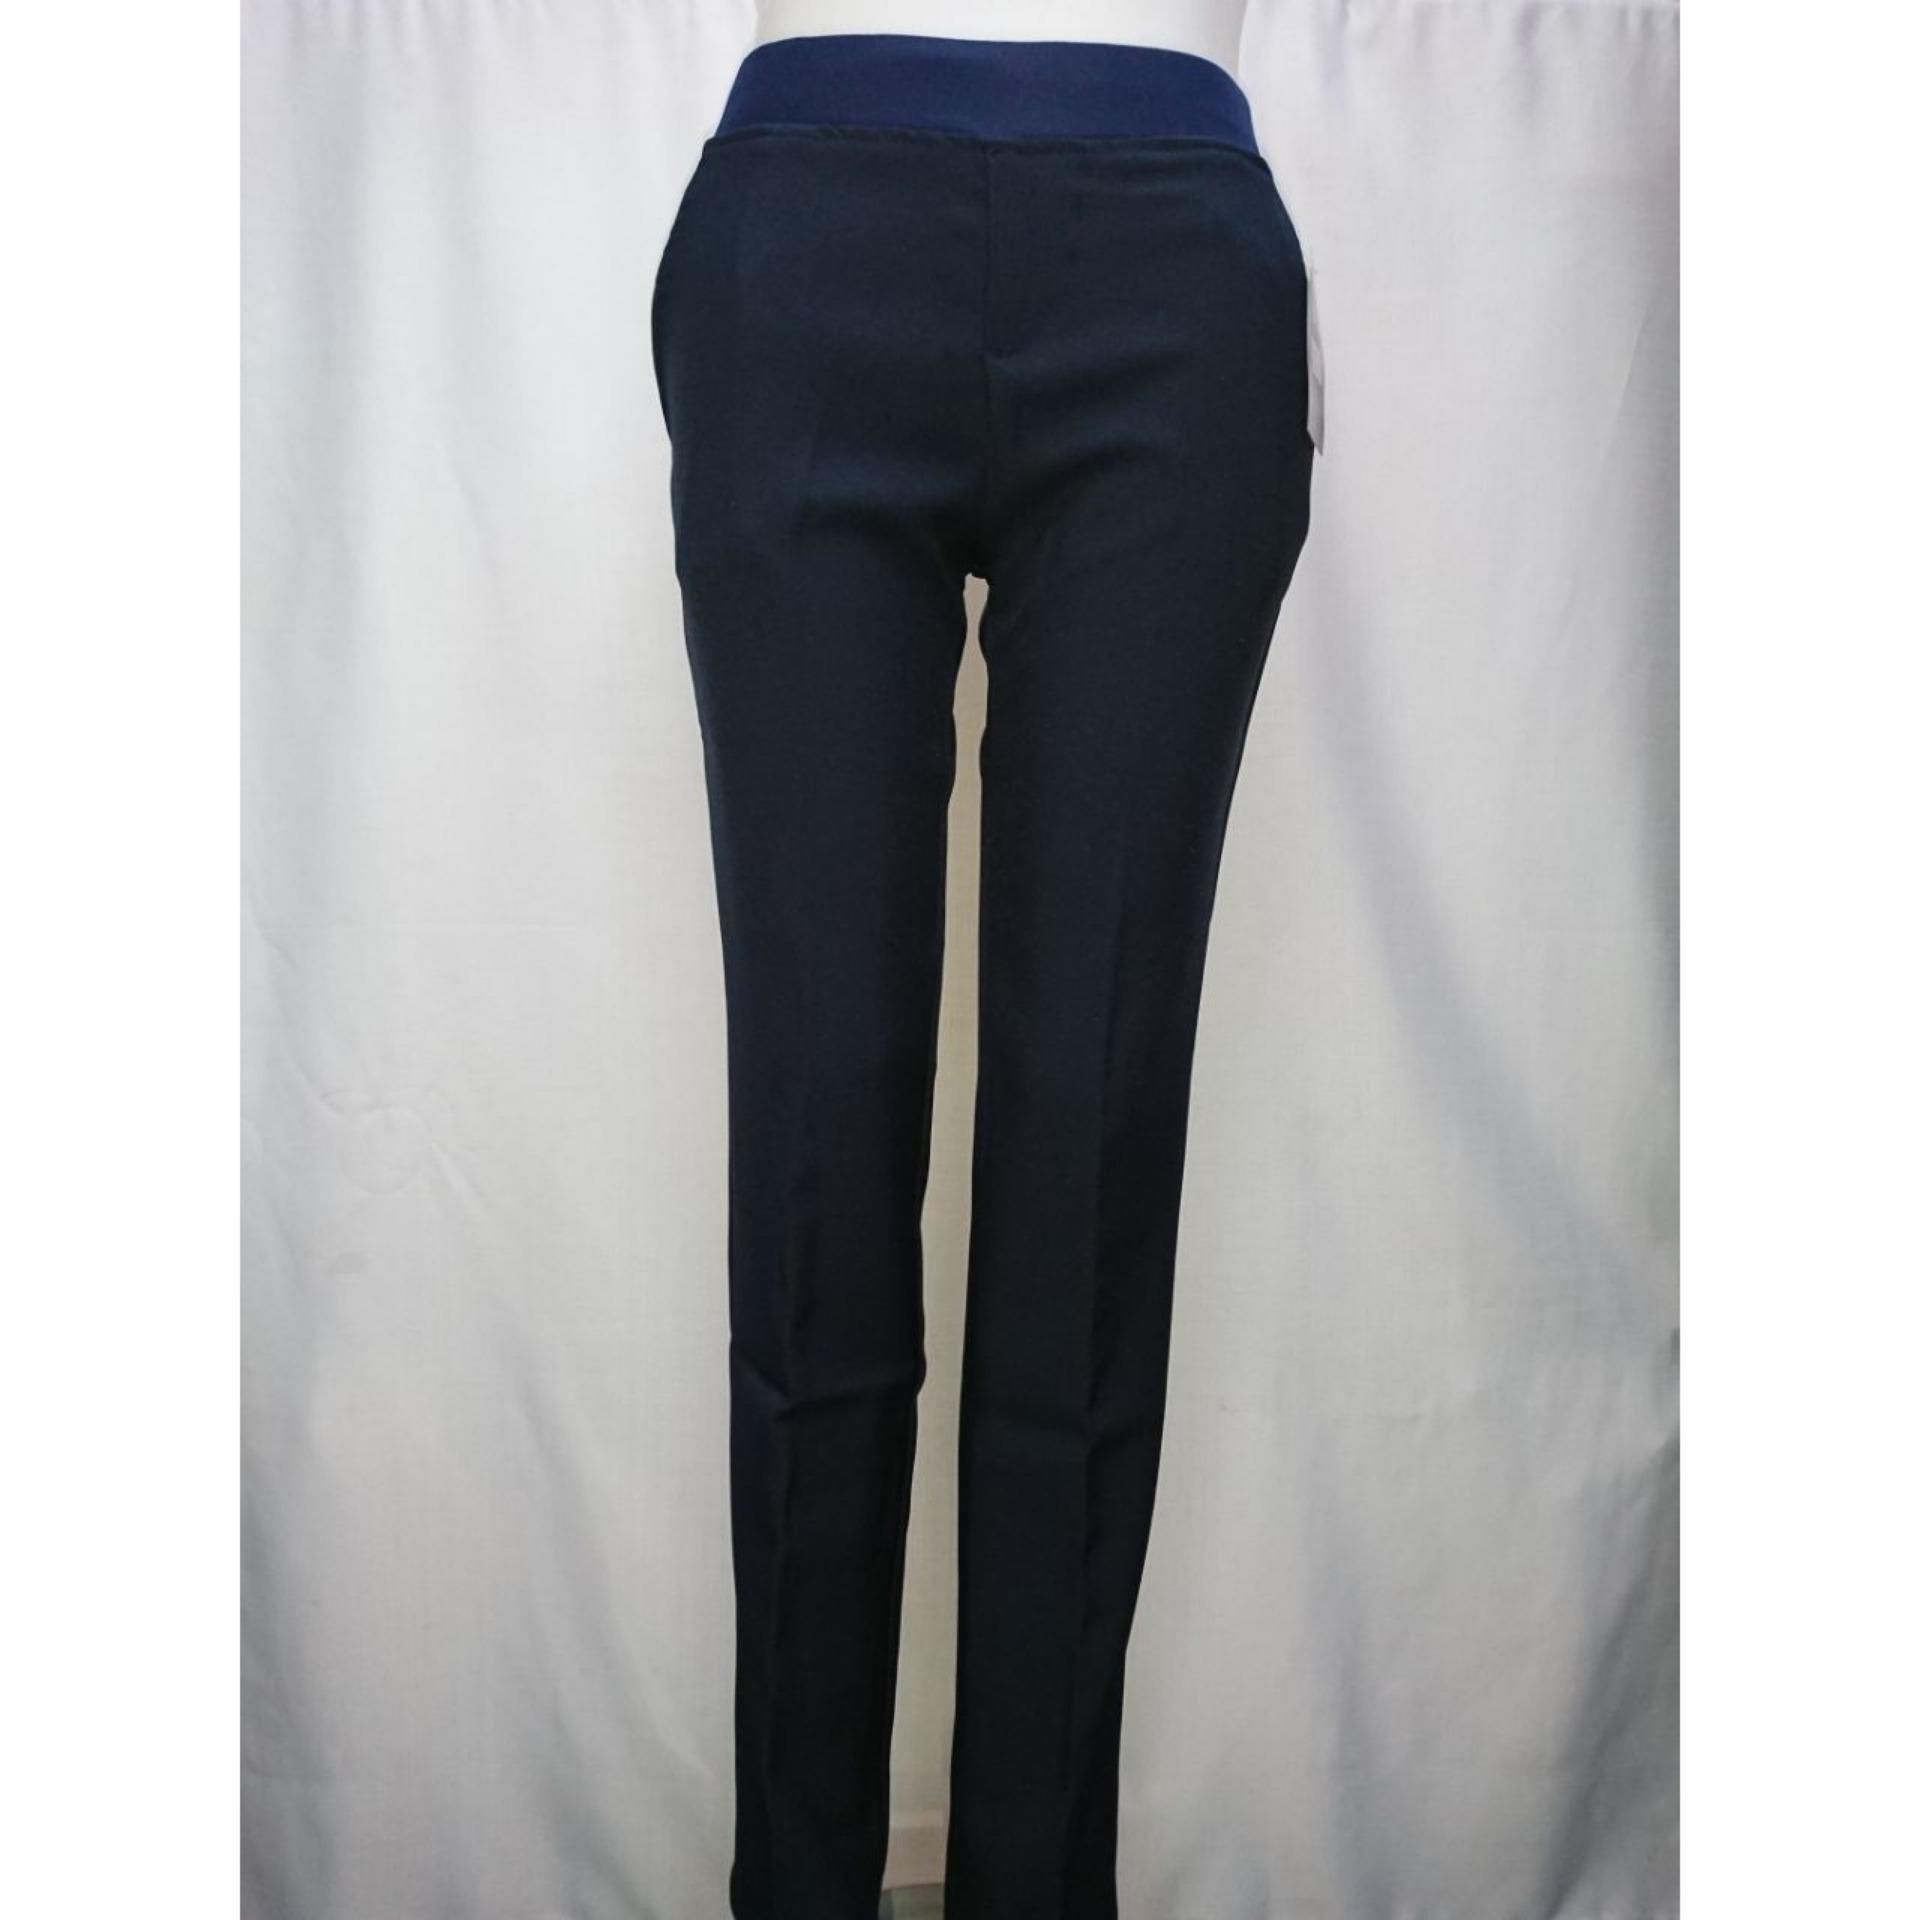 Celana formal kerja wanita biru dongker